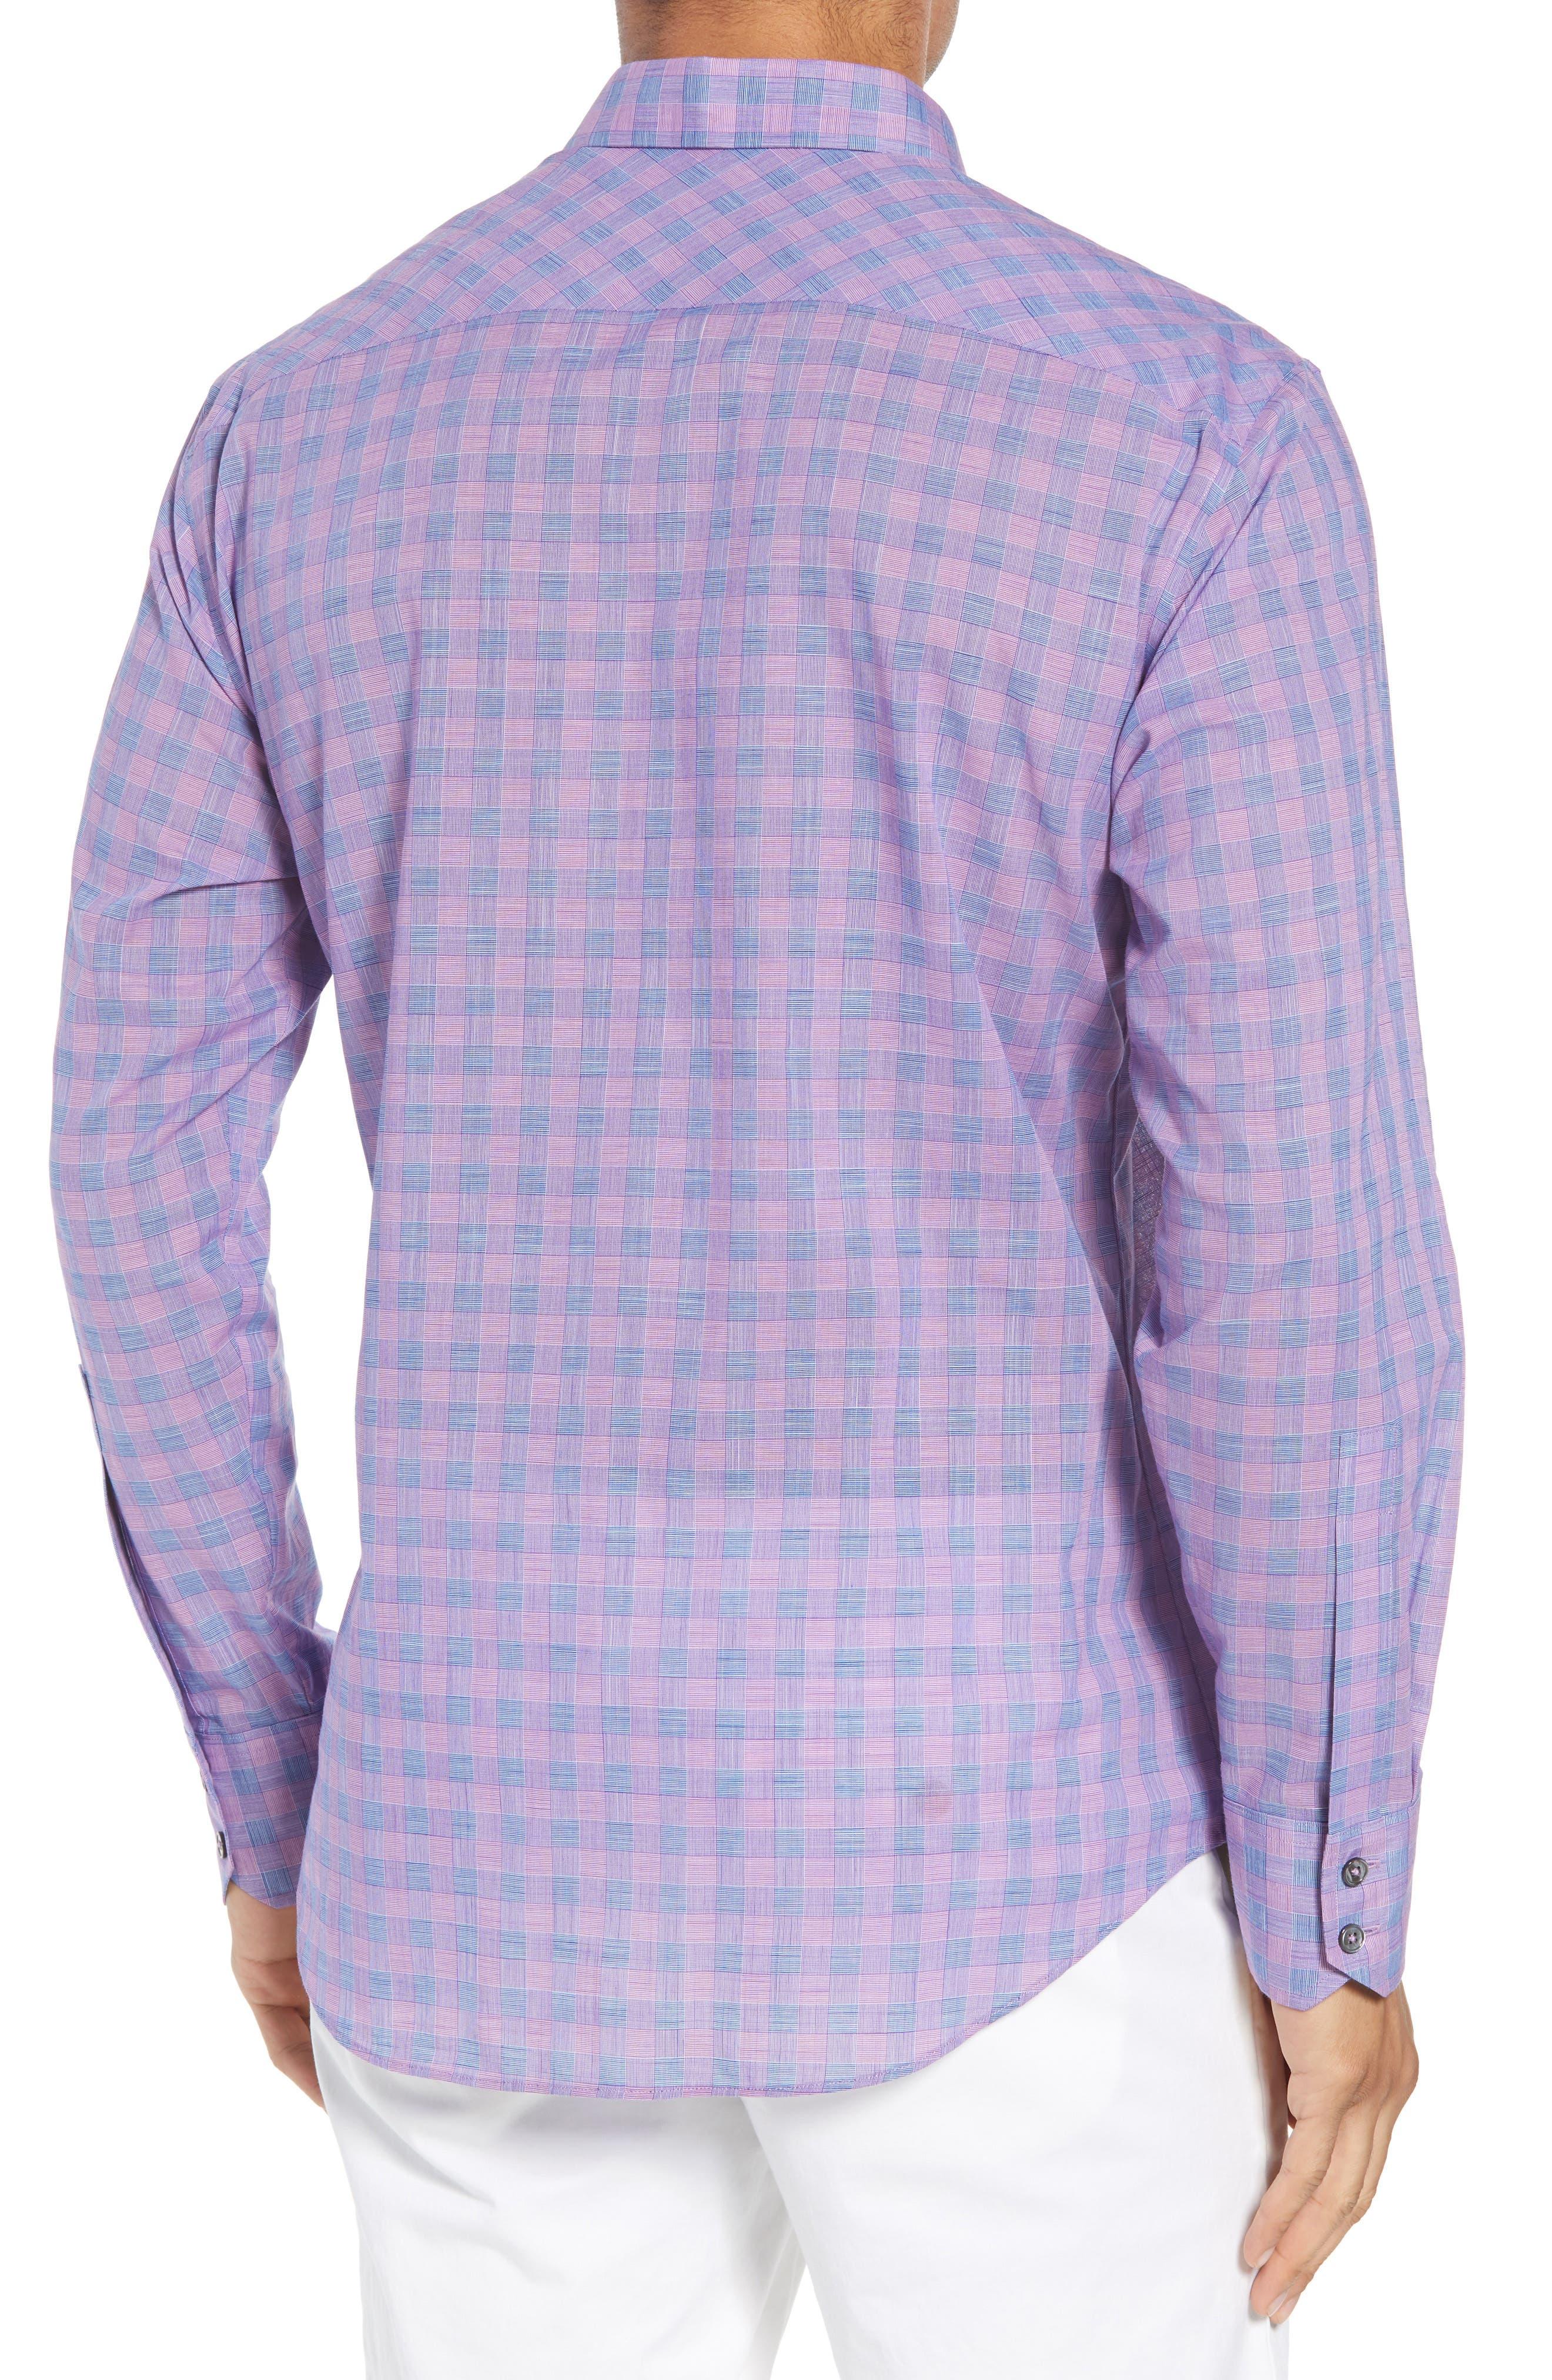 Schwantes Plaid Sport Shirt,                             Alternate thumbnail 3, color,                             Purple